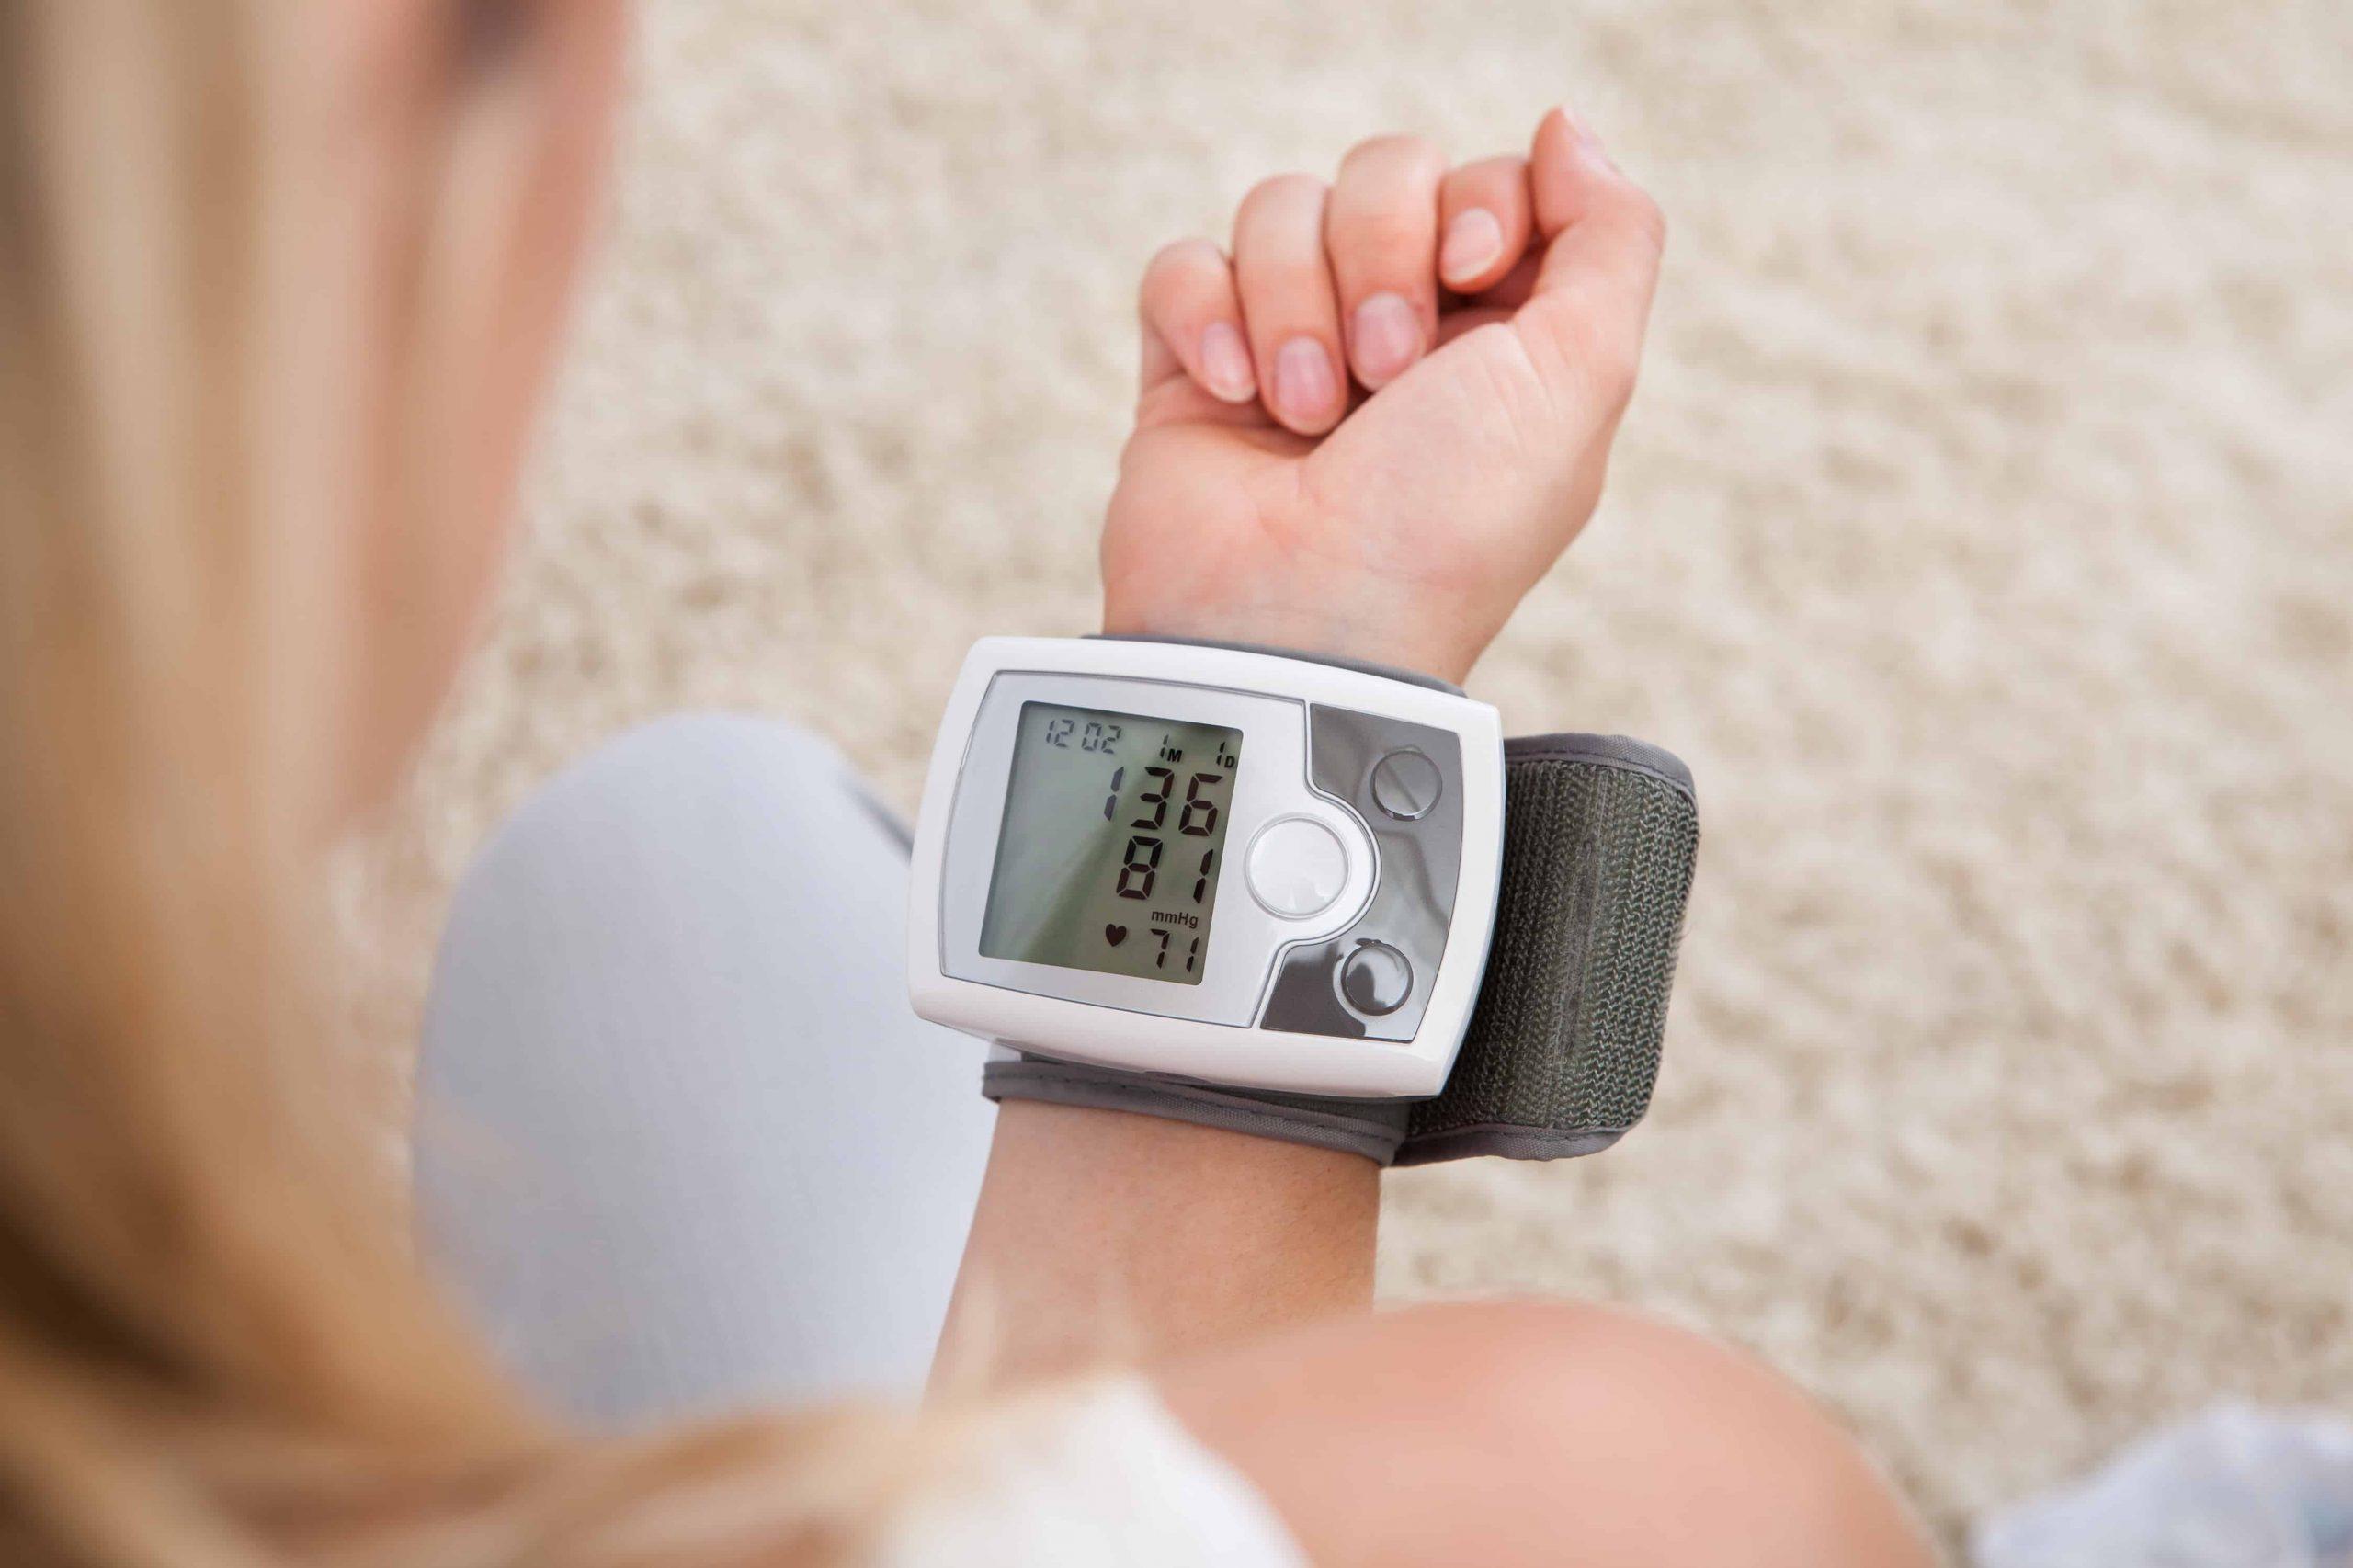 Blutdruckmessgerät Handgelenk: Test & Empfehlungen (11/20)